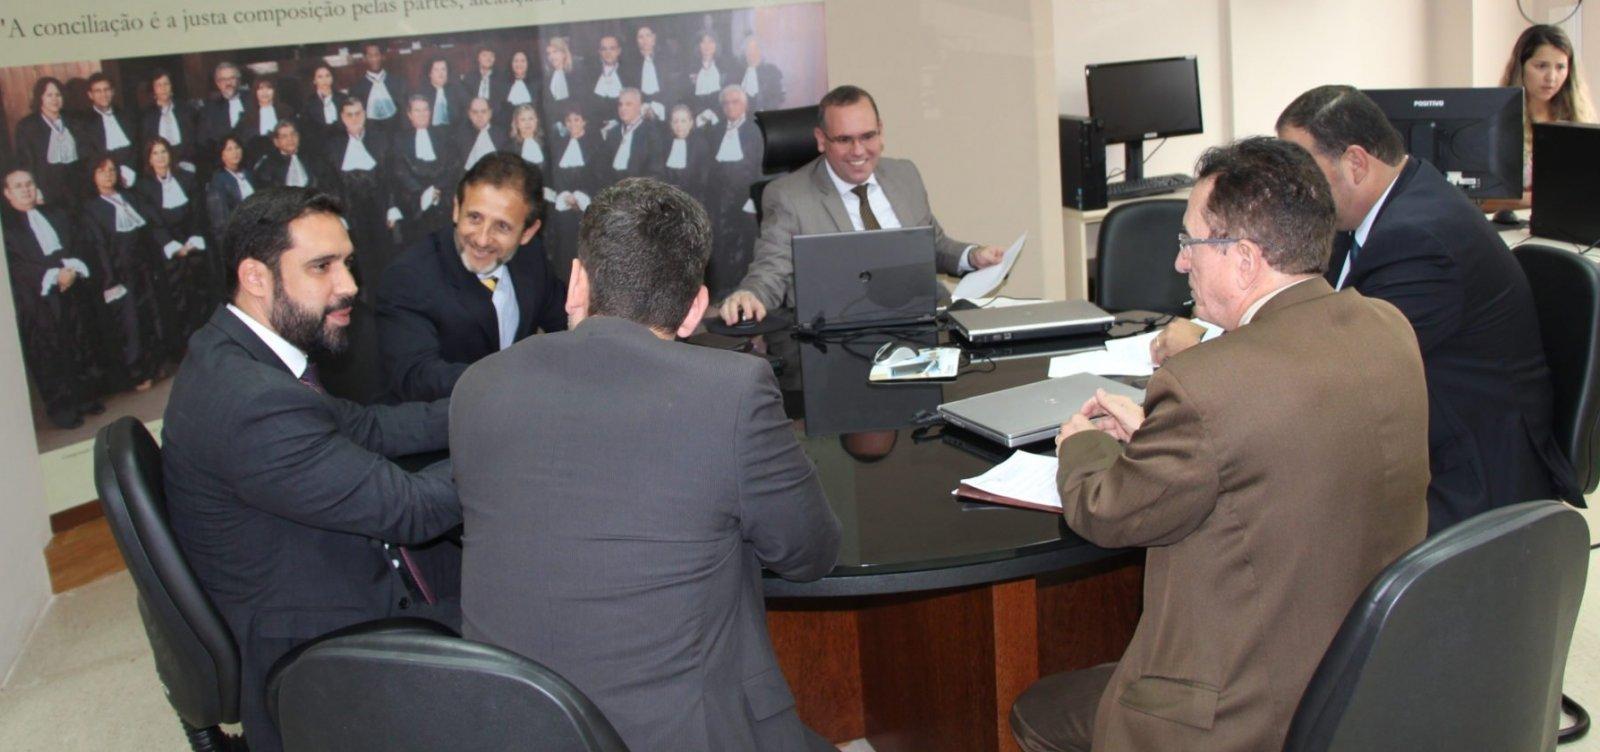 Vitória renova acordo com TRT para parcelar dívidas e evitar penhoras